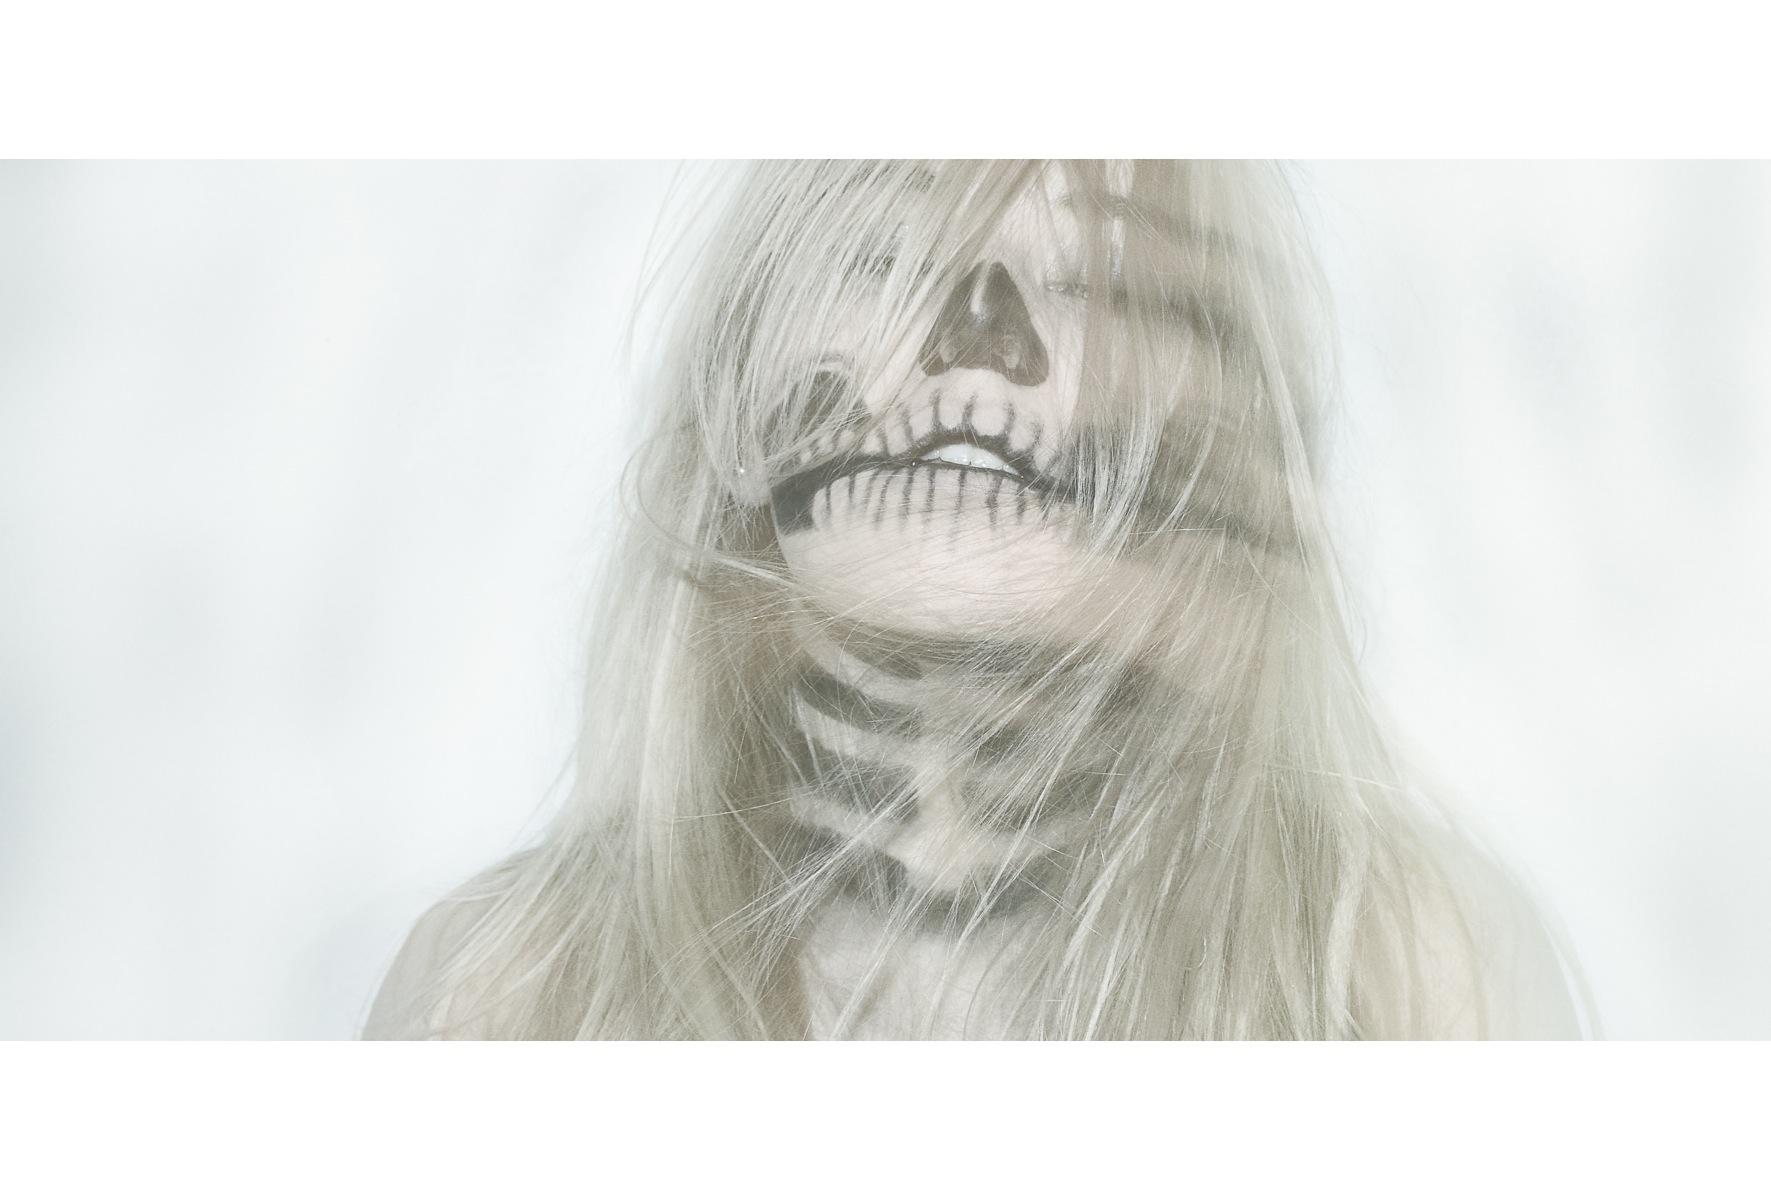 Fond D Ecran Visage Dessin Blond Cheveux Longs Halloween Nez